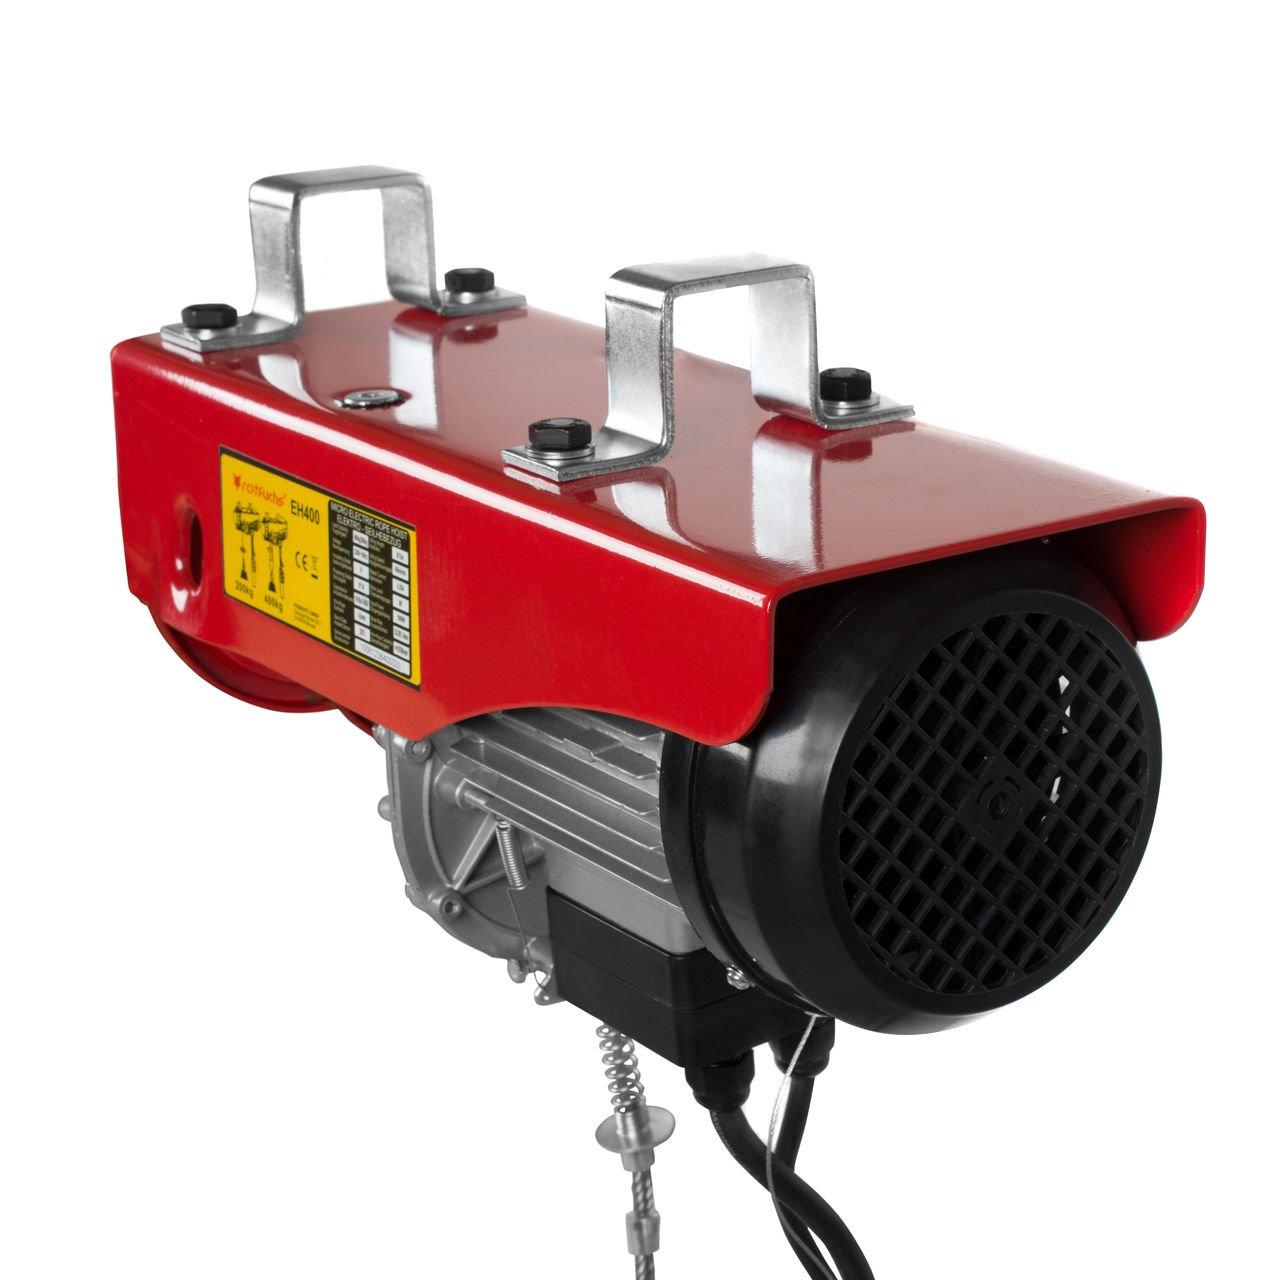 Ausleger Komplettset Elektrischer Seilzug Flaschenzug Motorwinde Tragf/ähigkeit 200 bis 400 kg Rotfuchs Elektrische Seilwinde inkl